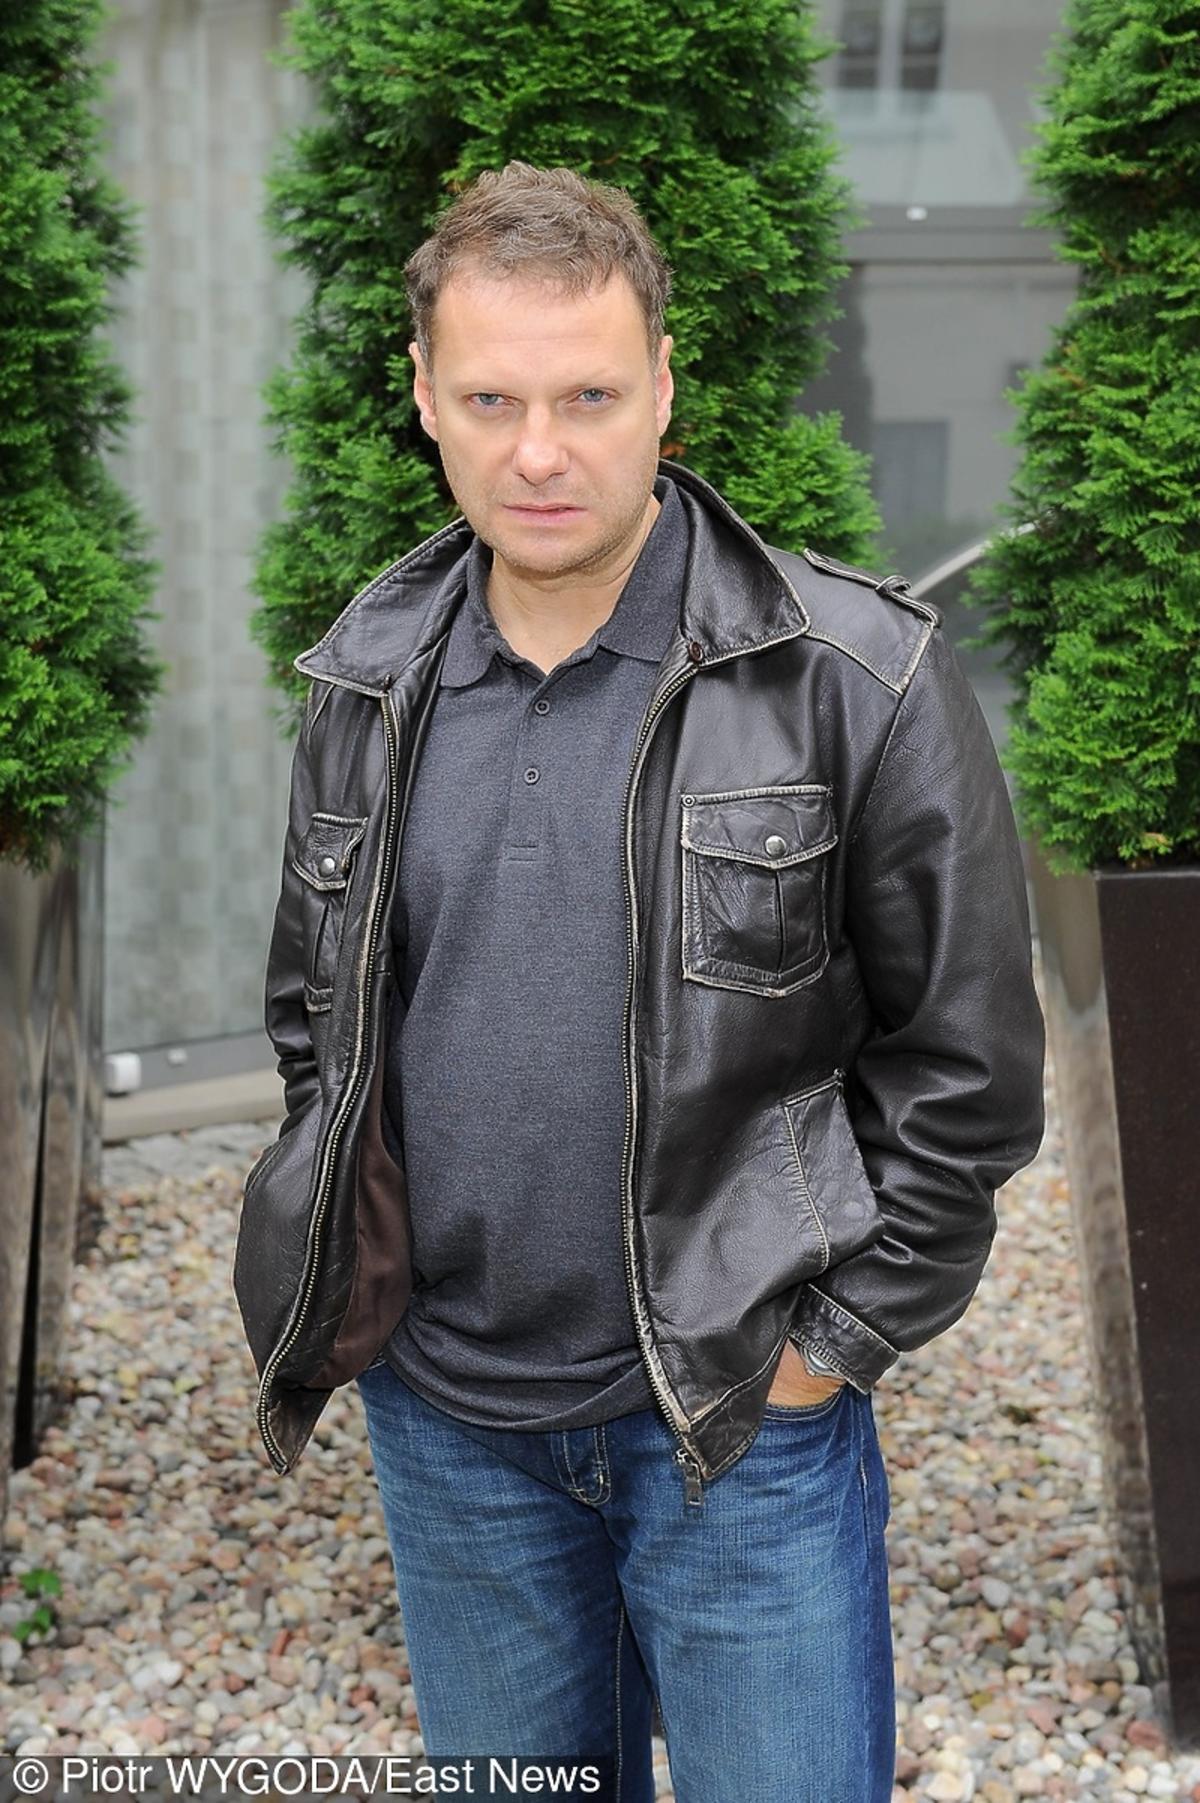 Aktor Marcin Kuźmiński nie żyje